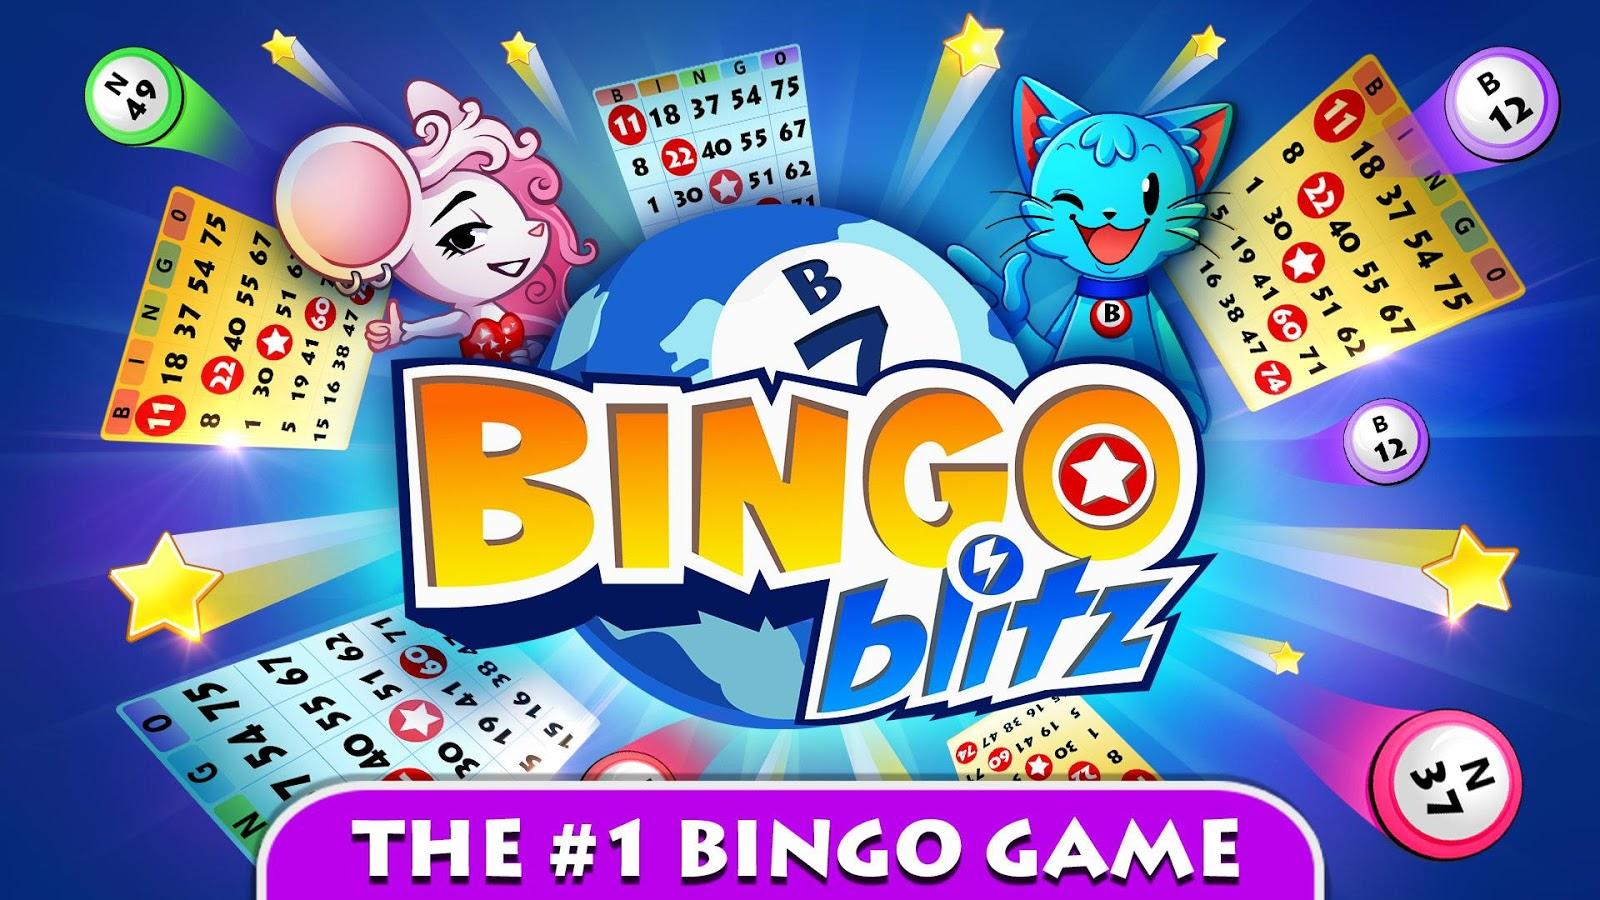 Bonos en Noruega casino bingo on line español-201901